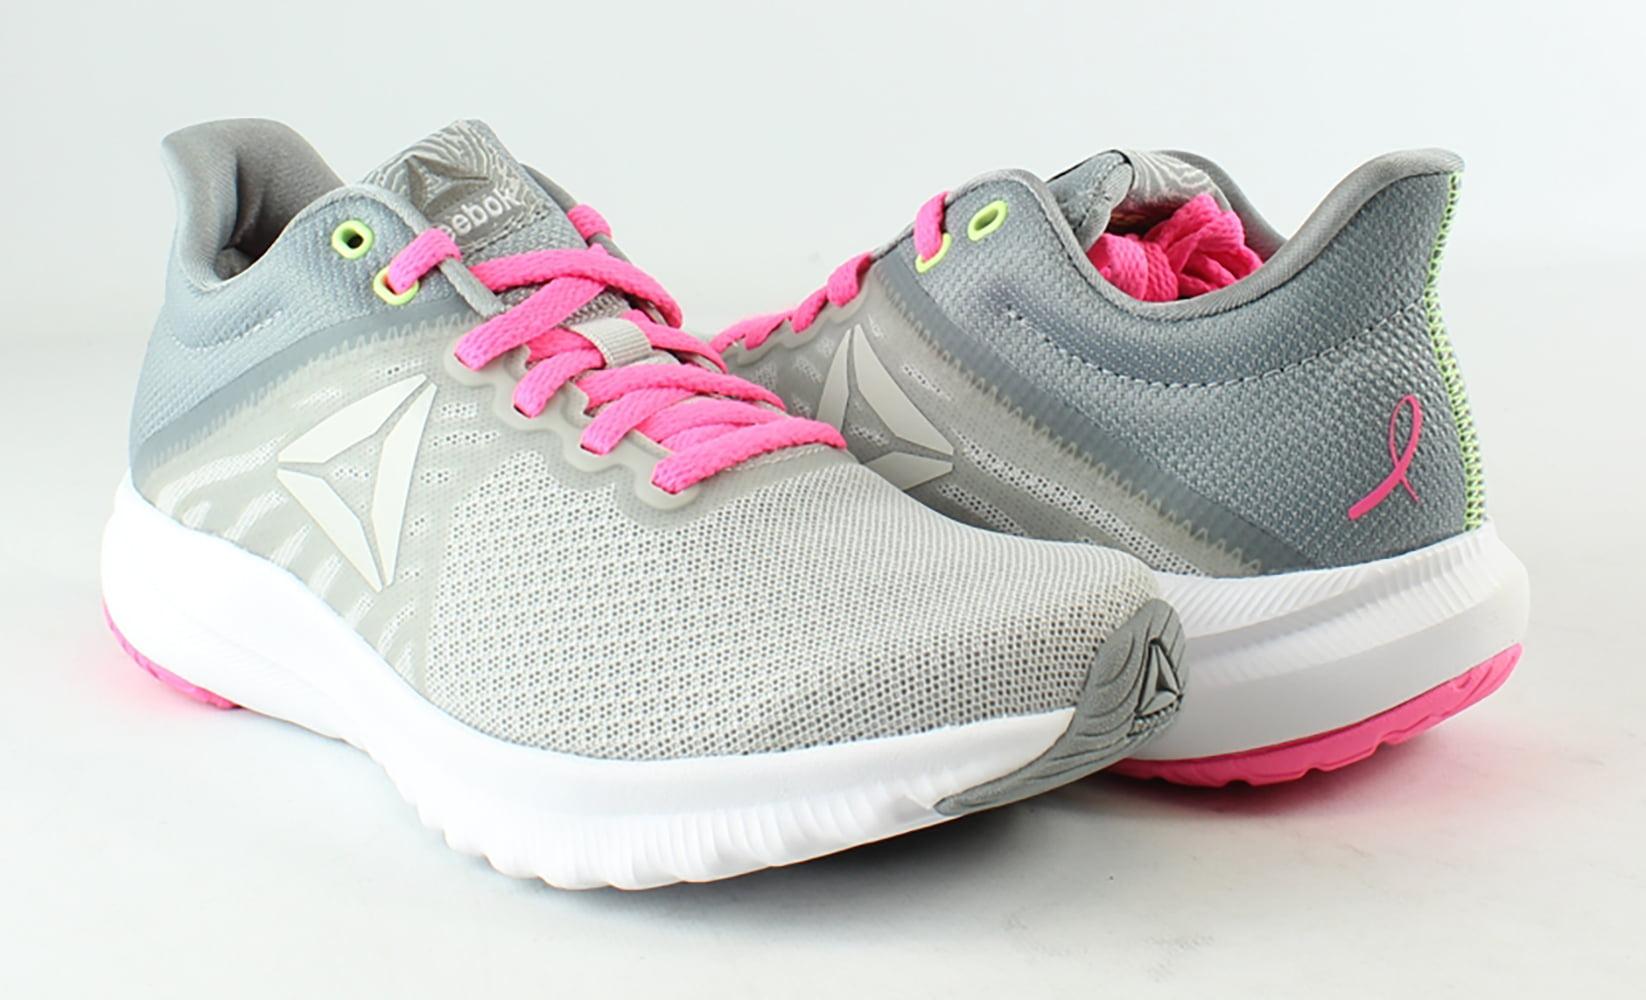 Reebok - New Reebok Womens Reebok Osr Distance 3.0 Gray Running Shoes Size  5 - Walmart.com d9cbc1519